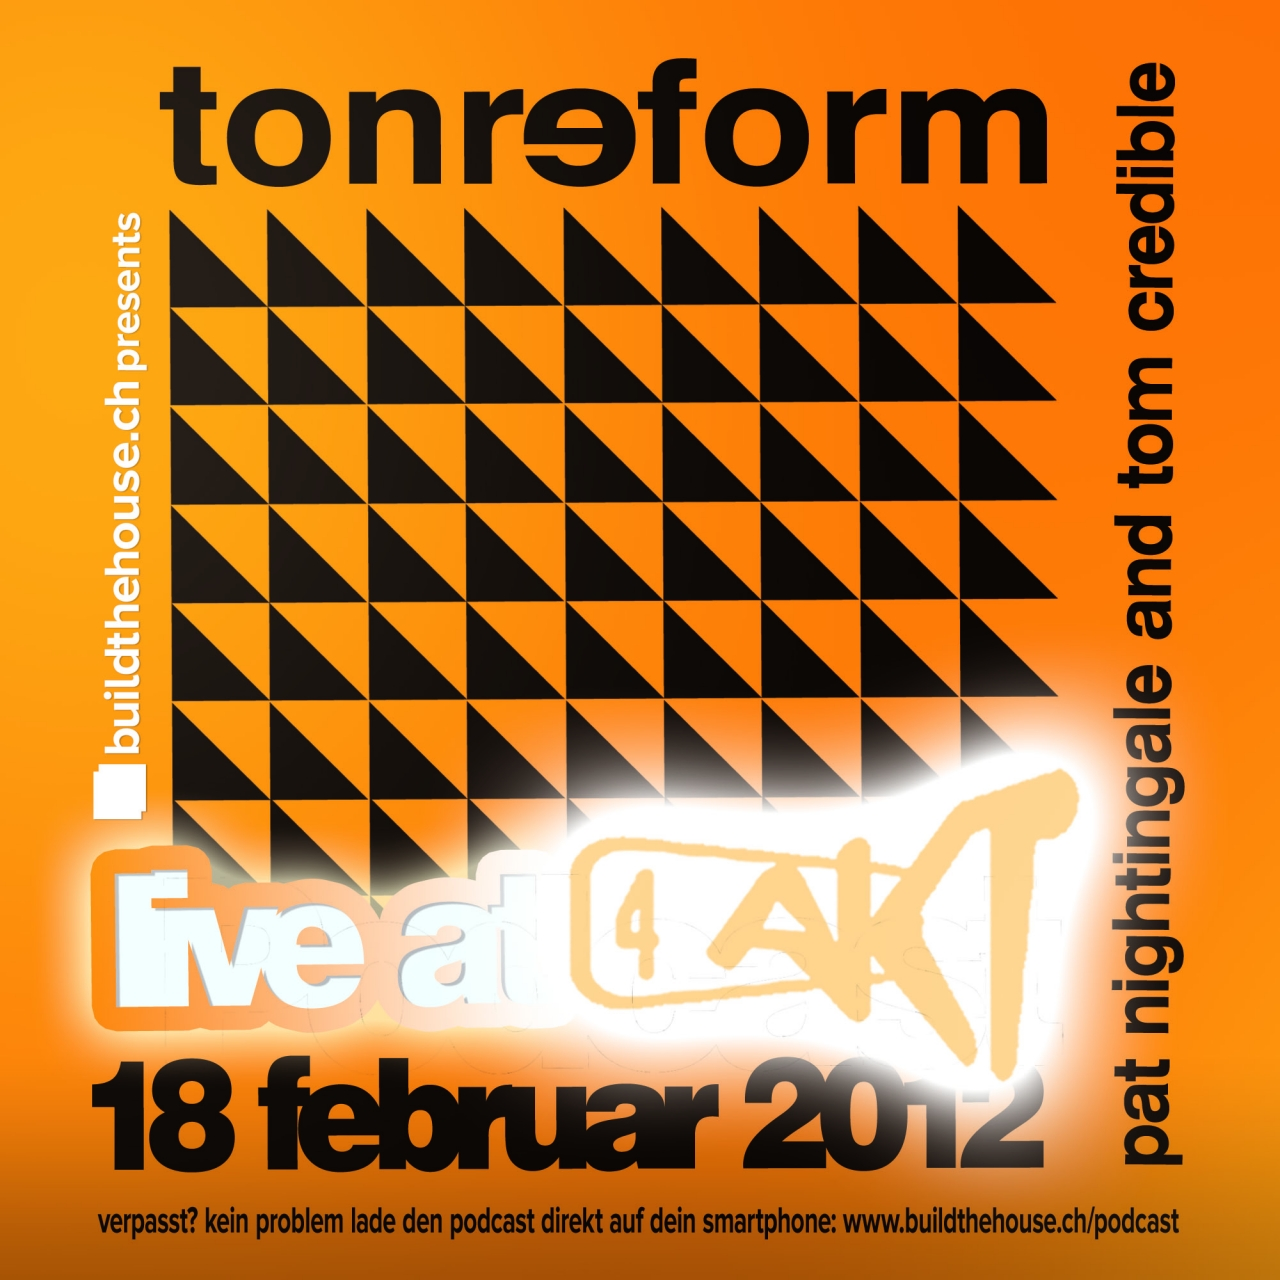 tonreform 18.02.2012